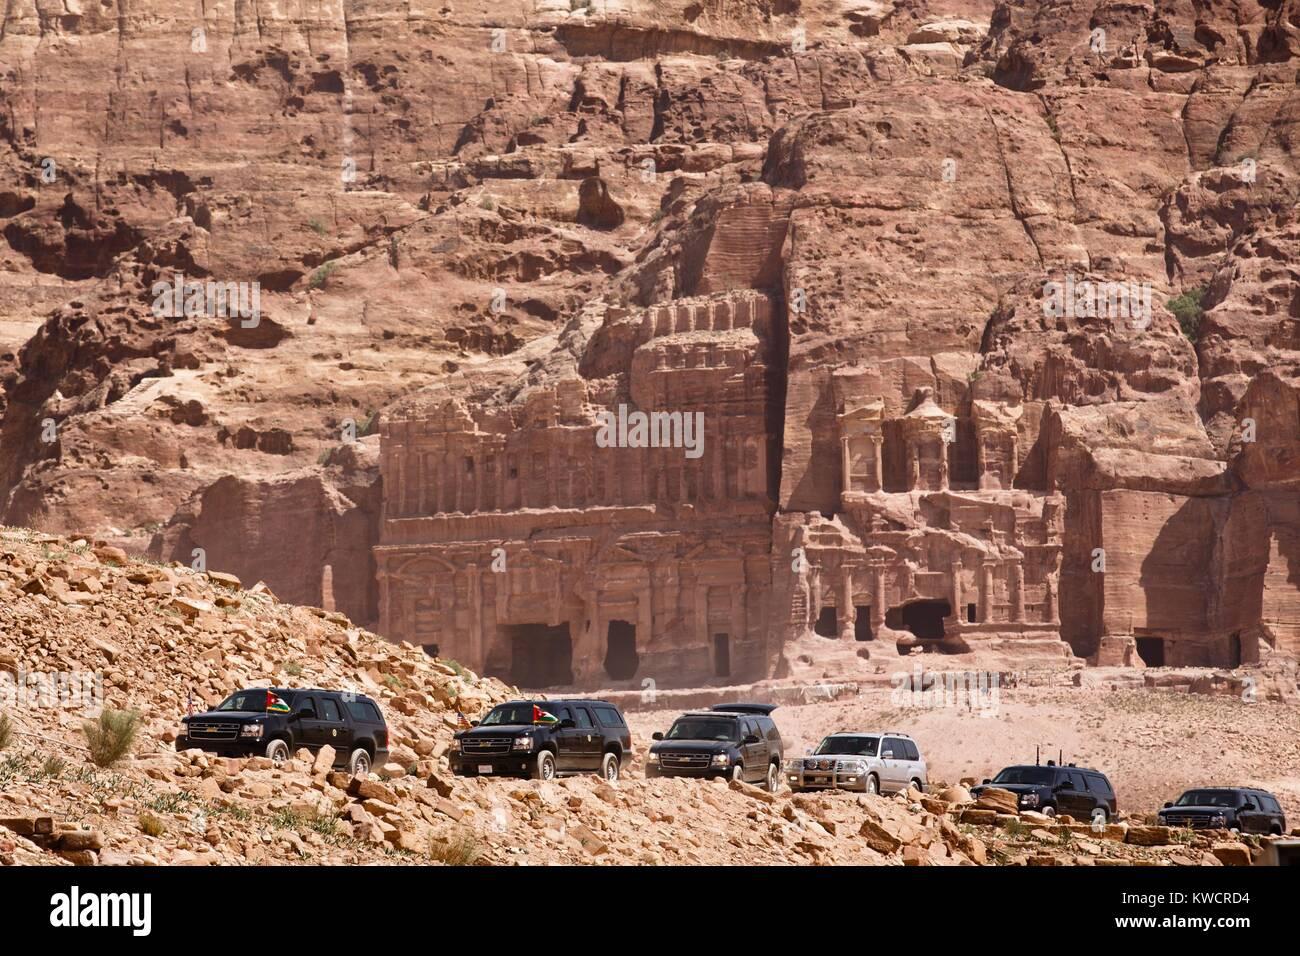 Präsident Barack Obama's motorcade in der antiken Stadt Petra in Jordanien. März 23, 2013. Möglicherweise Stockbild